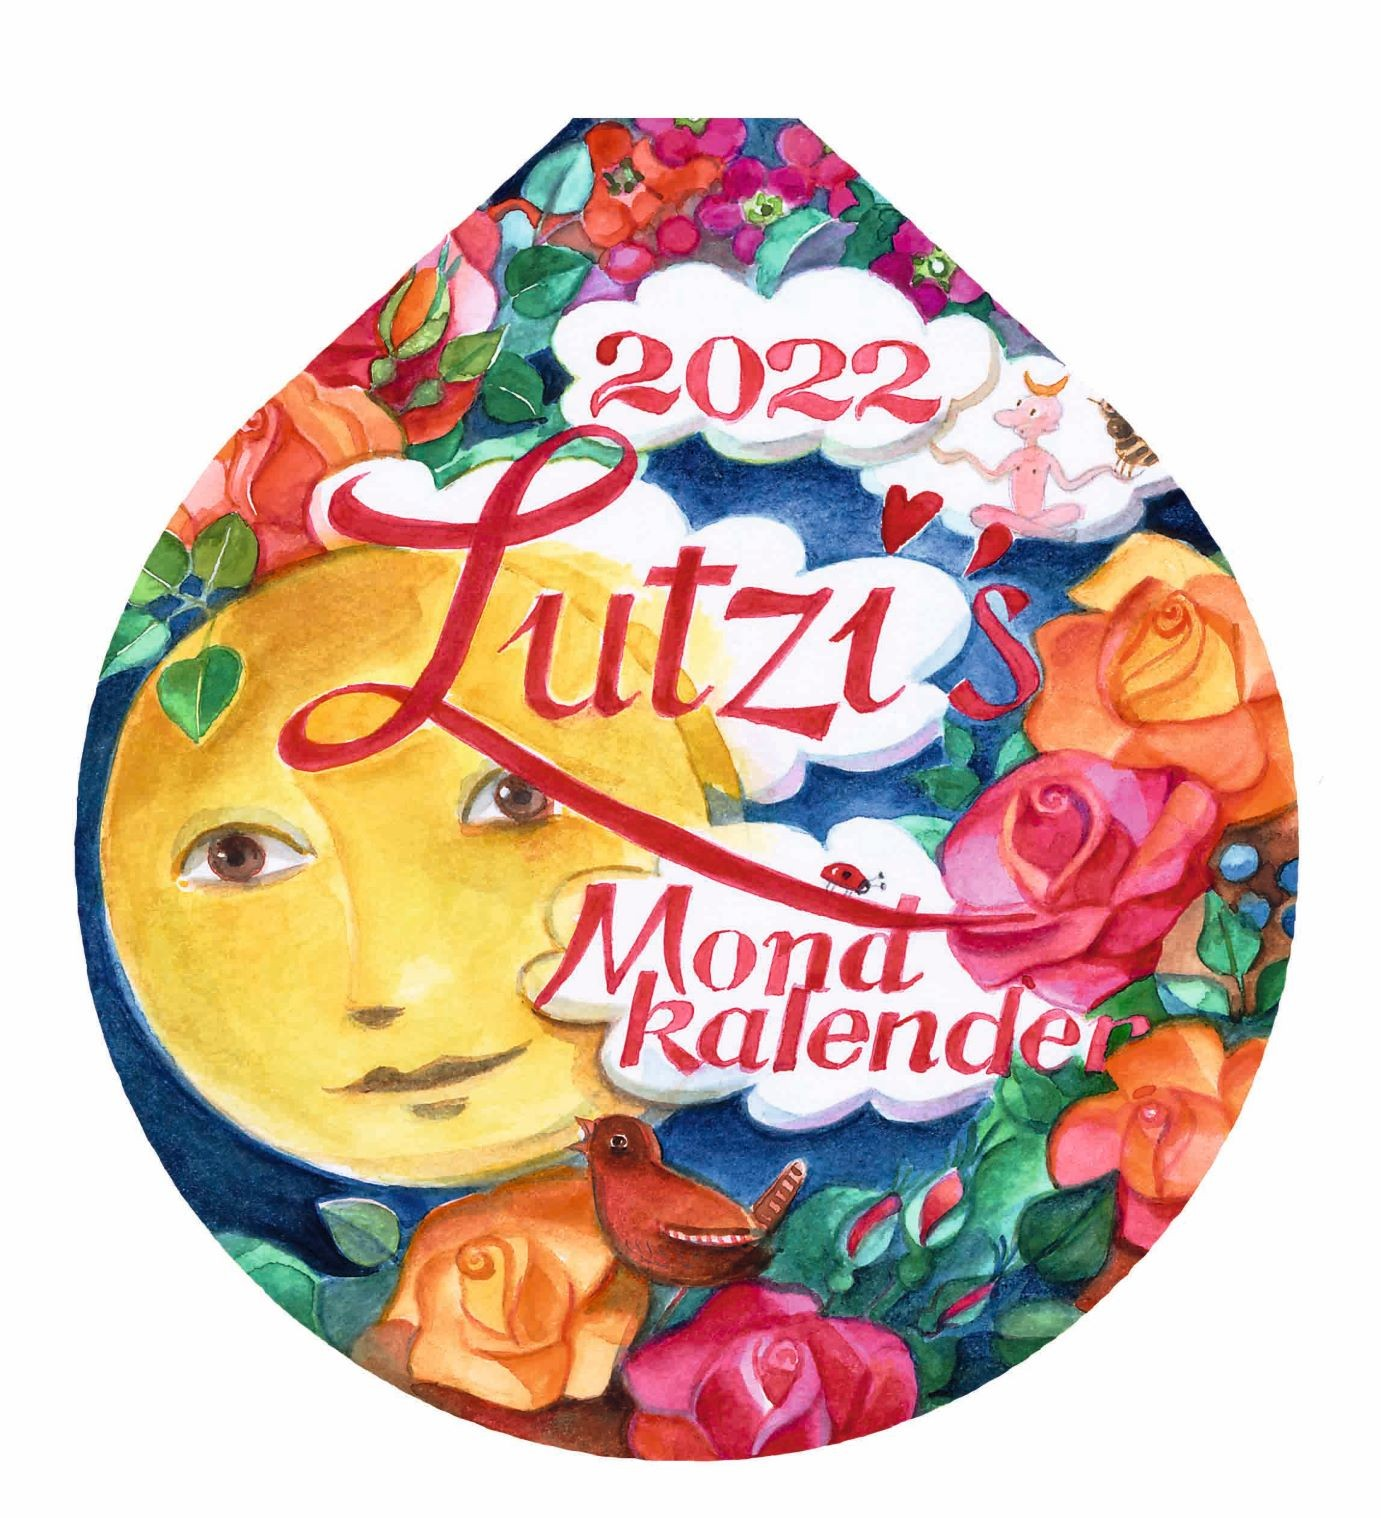 Lutzi's Mondkalender Rund 2022 mit Mondaufhänger